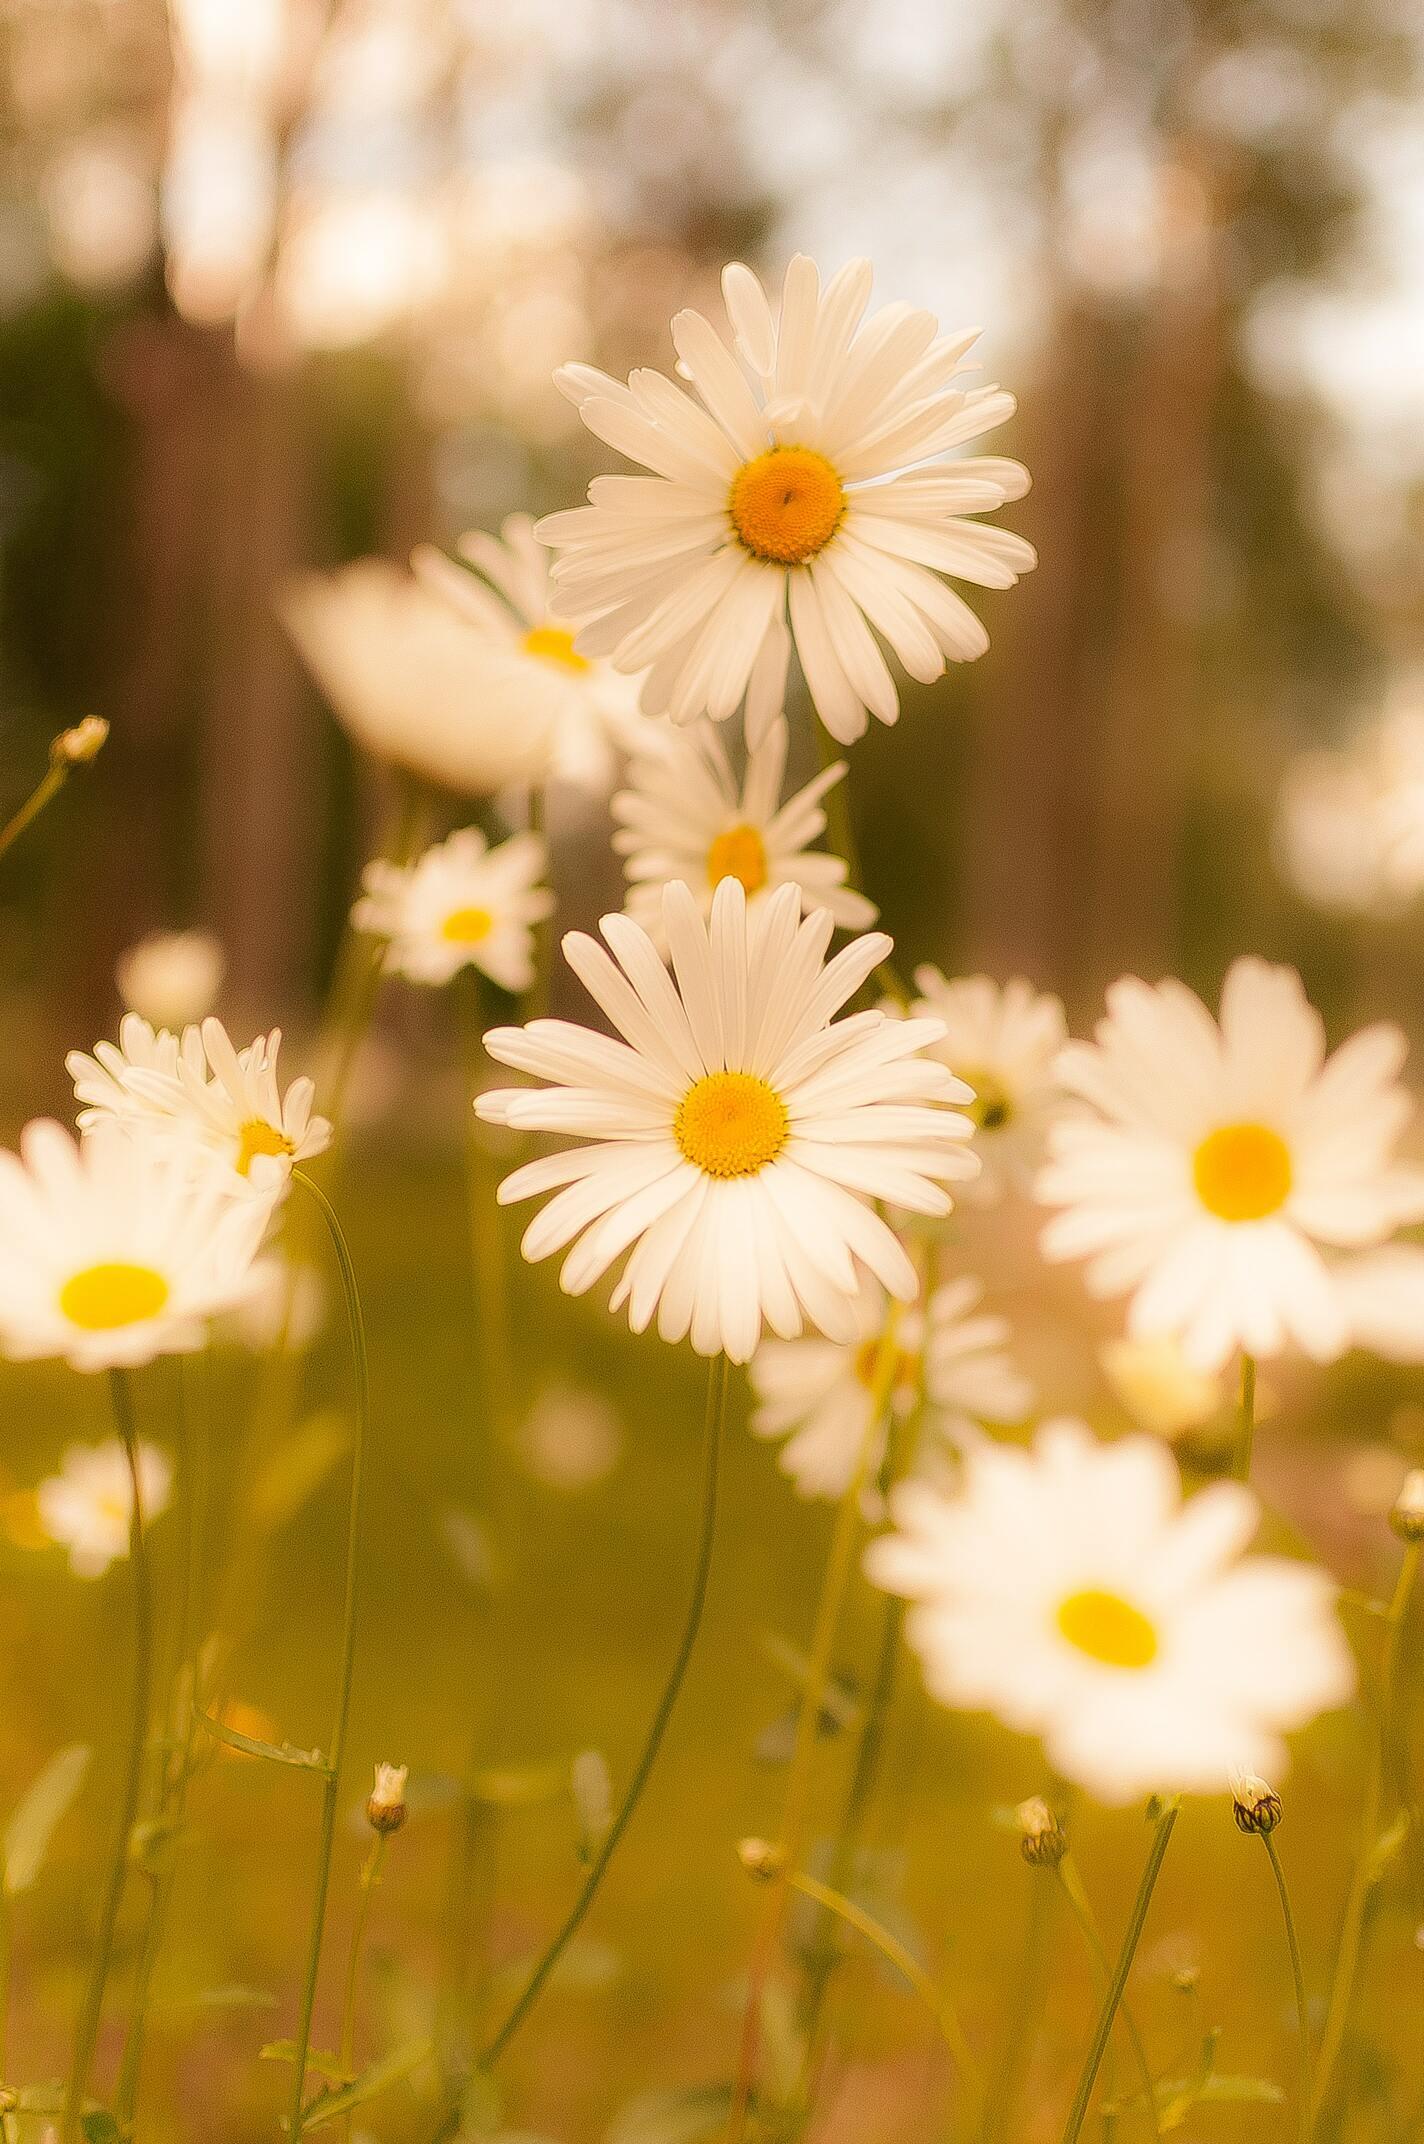 Ảnh hoa cúc dại trong nắng